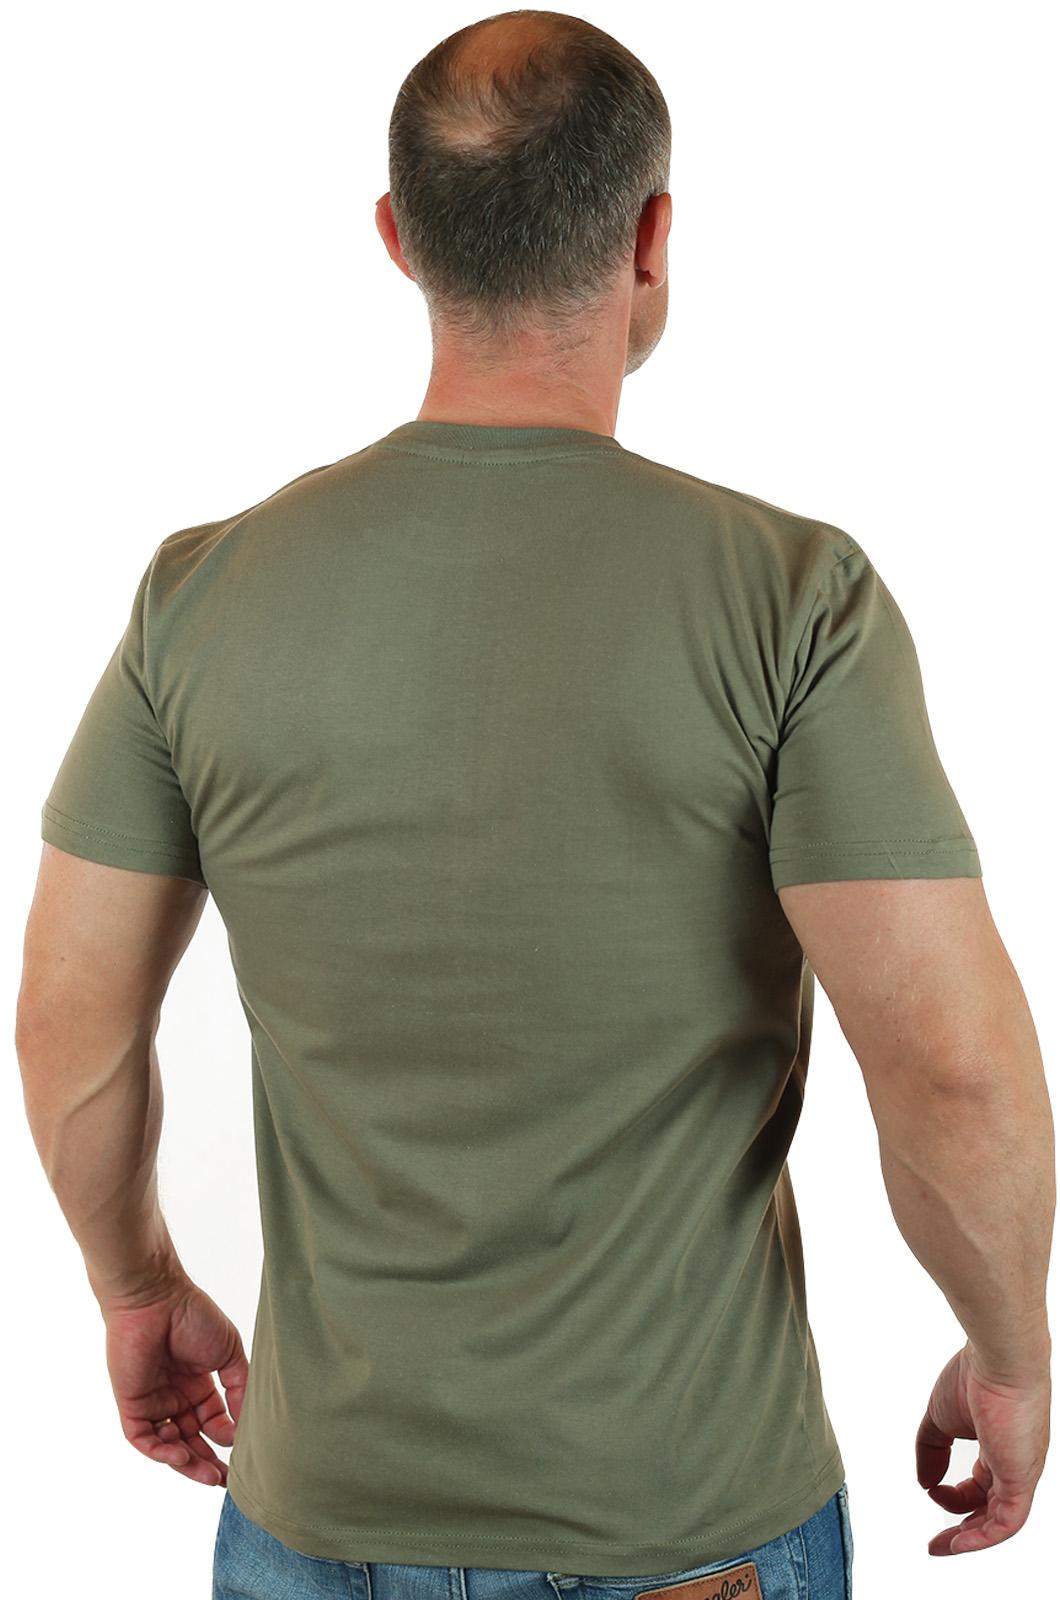 Мужская футболка с пограничным принтом.